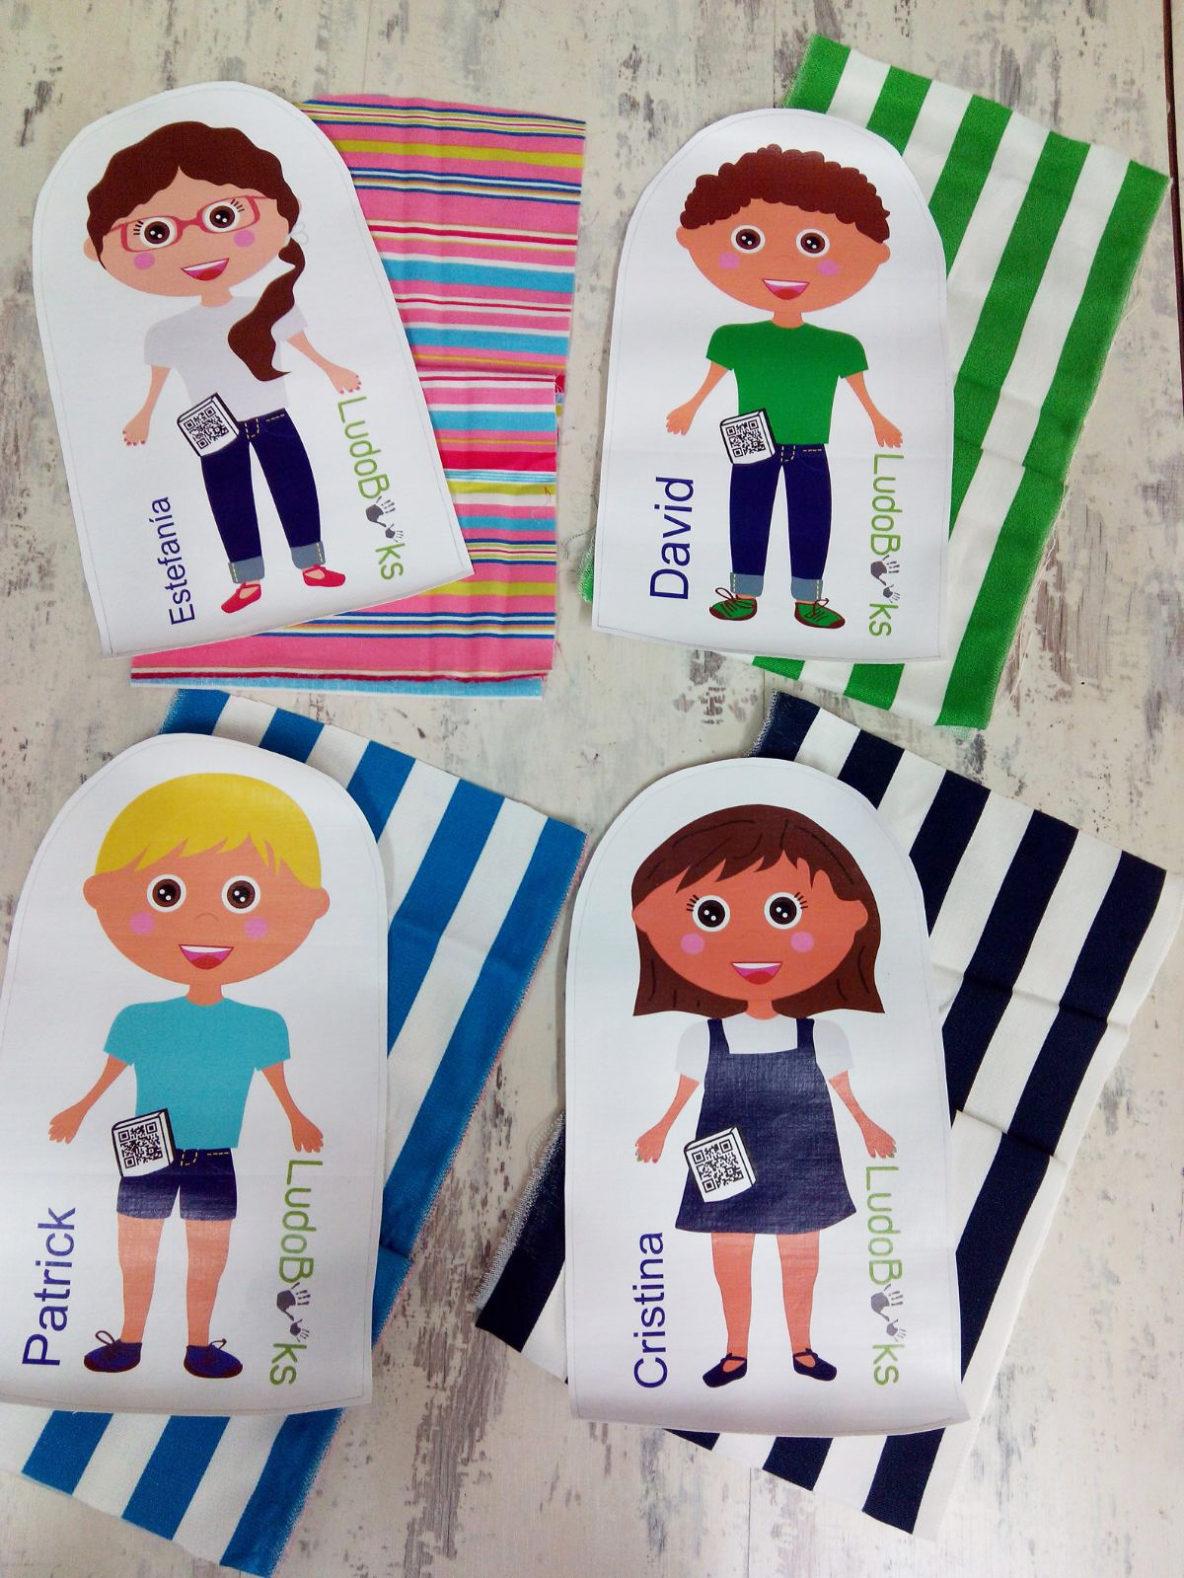 muñecas 1184x1578 - Regalos infantiles personalizados - Cuentos y muñecos personalizados